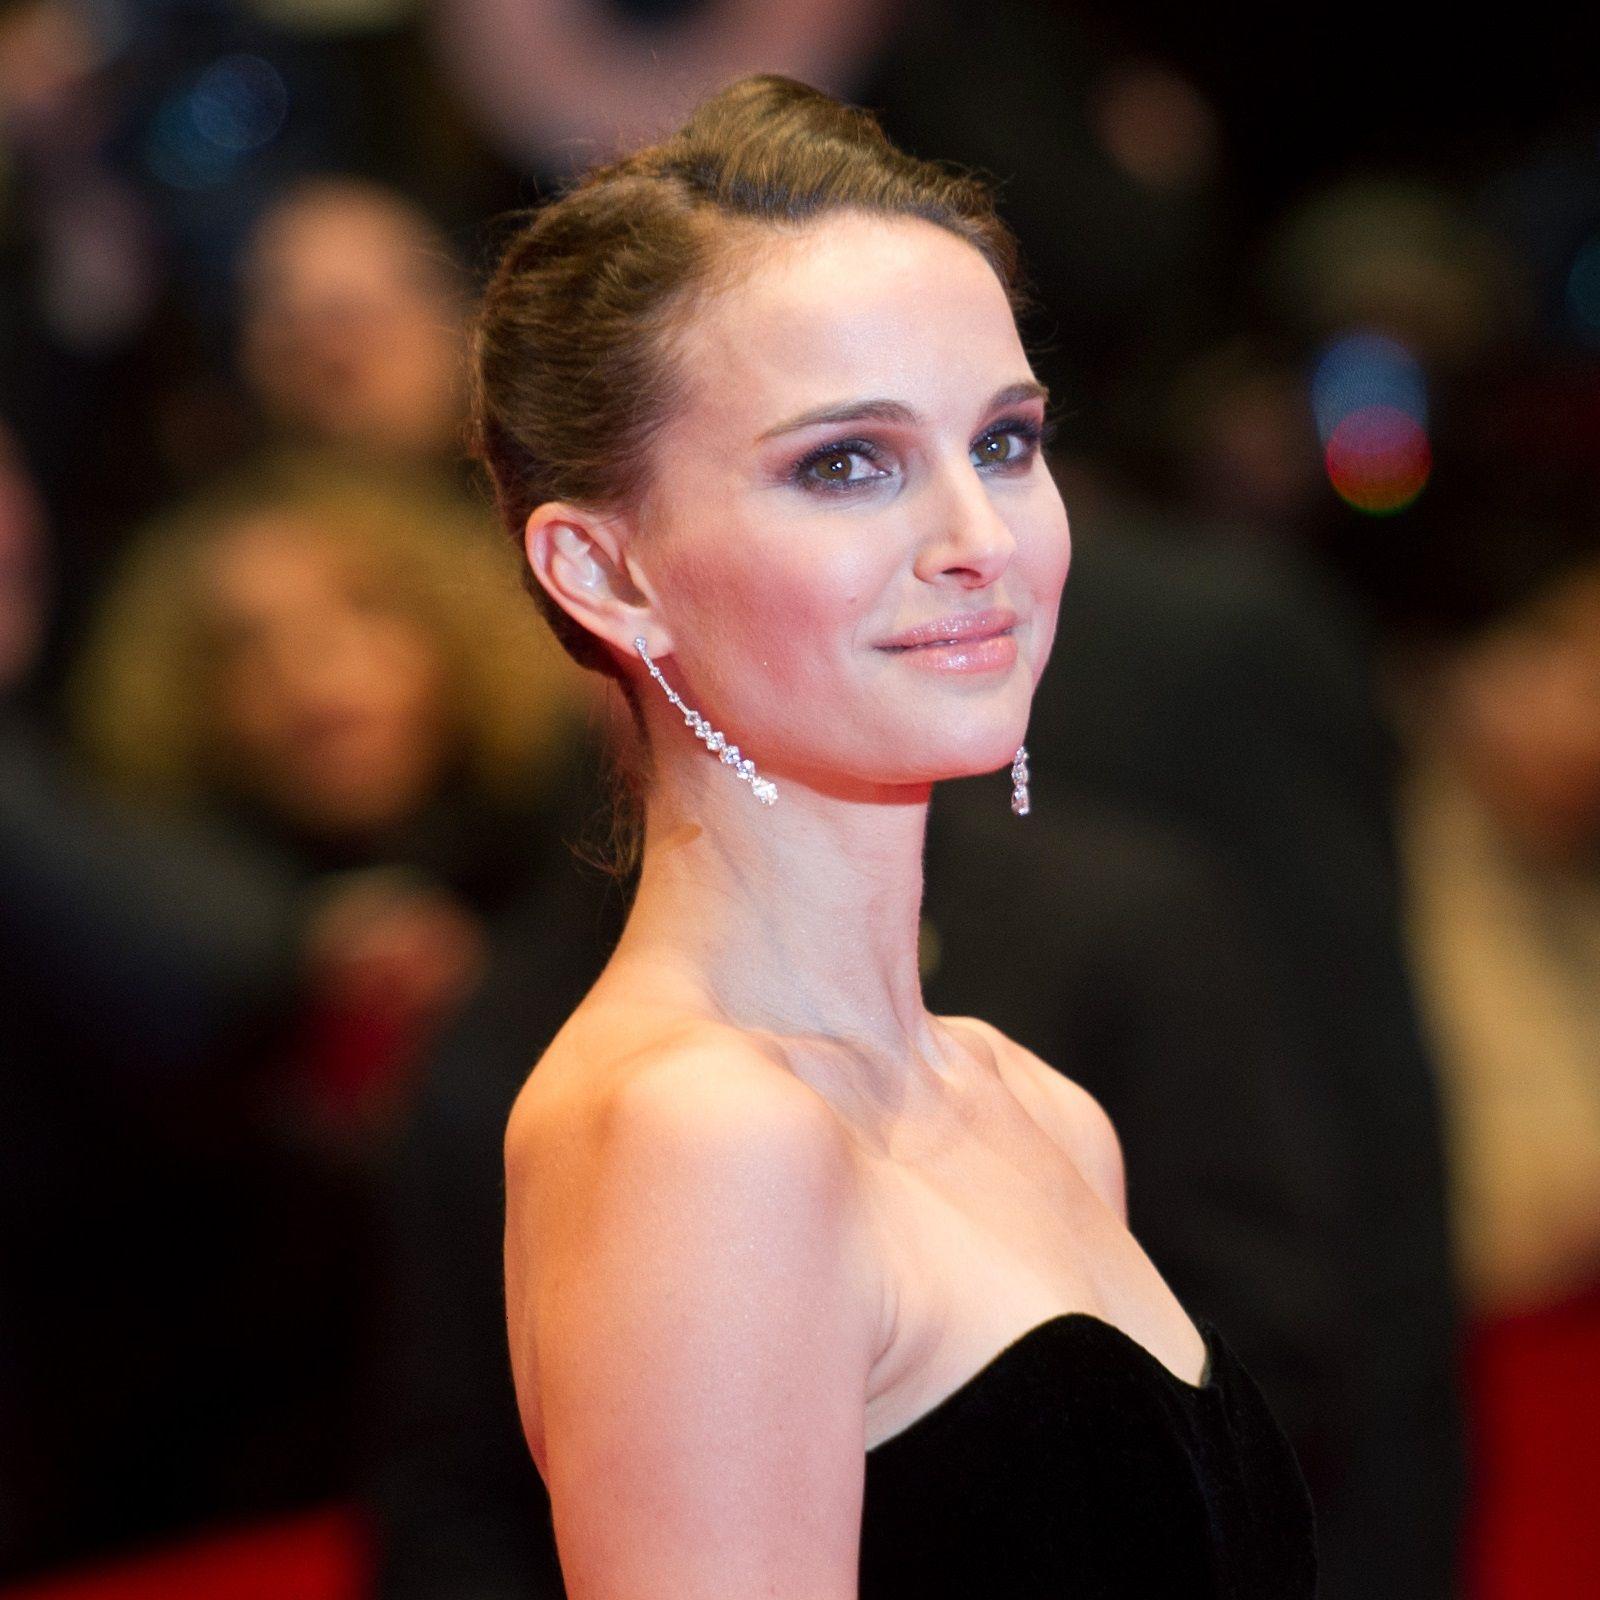 cinema de novo: Aniversariante do dia: Natalie Portman